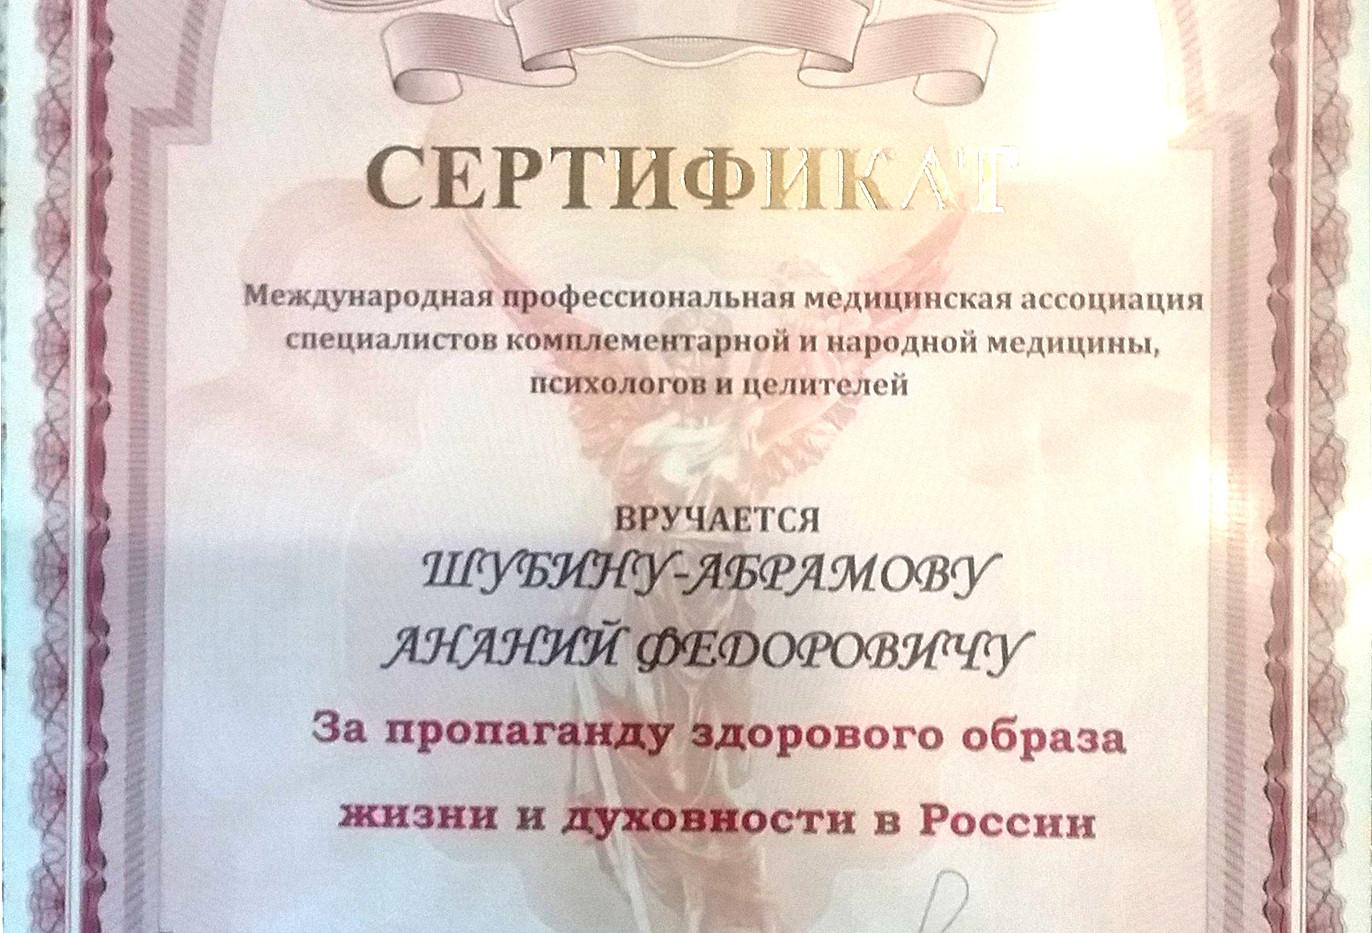 Сертификат международной профессиональной медицинской ассоциации специалистов комплементарной медицины, психологов и целителей за проппаганду Здорового образа Жизни и Духовности в России